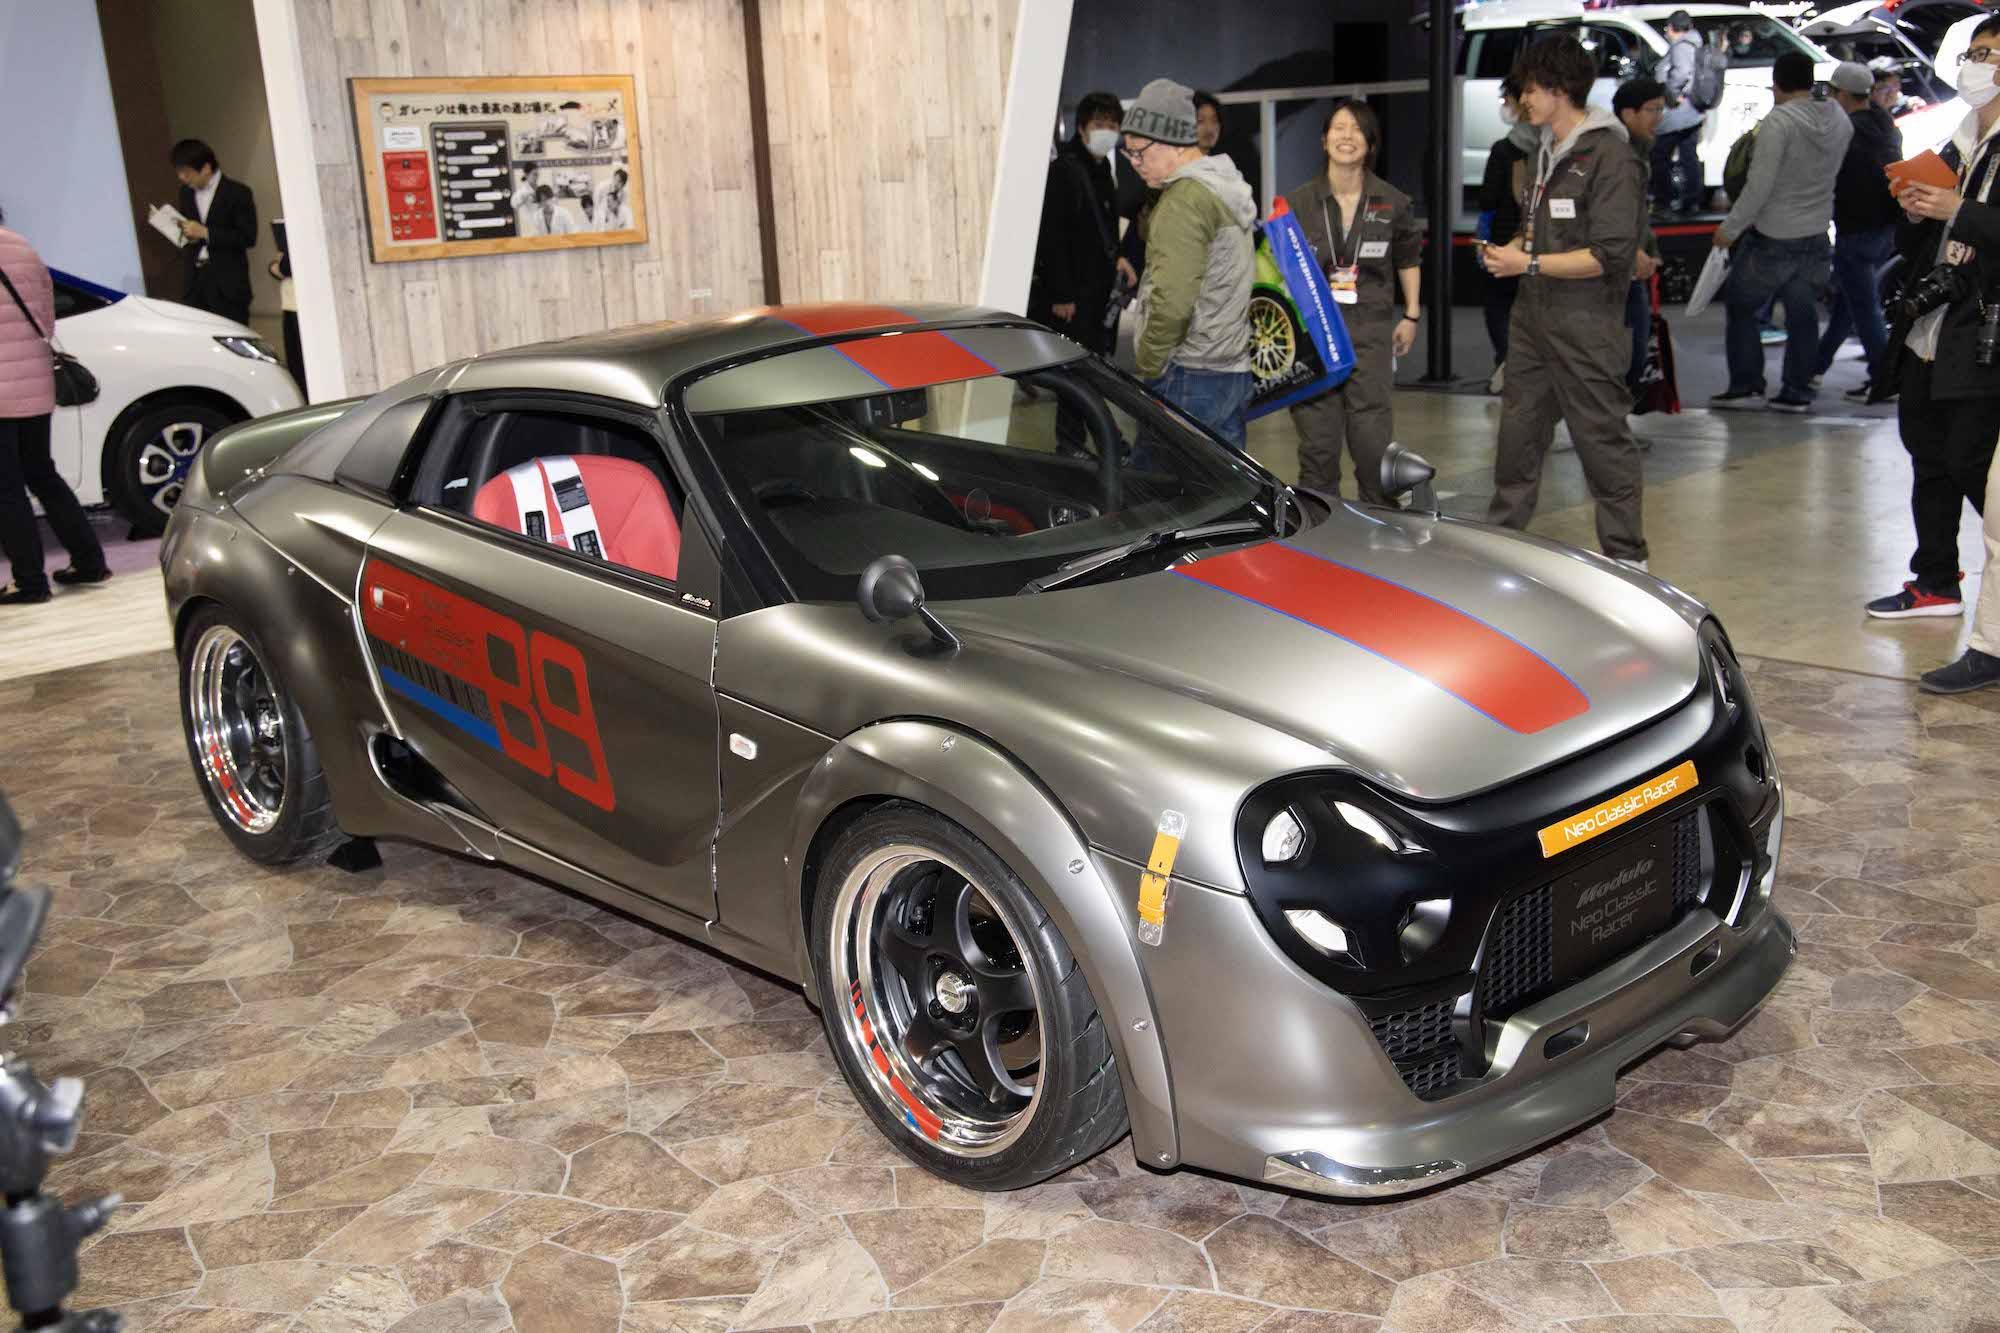 ブースを「家」に見立てたホンダアクセス。ペルソナ別のコンセプトカーを5台展示!東京オートサロン2019